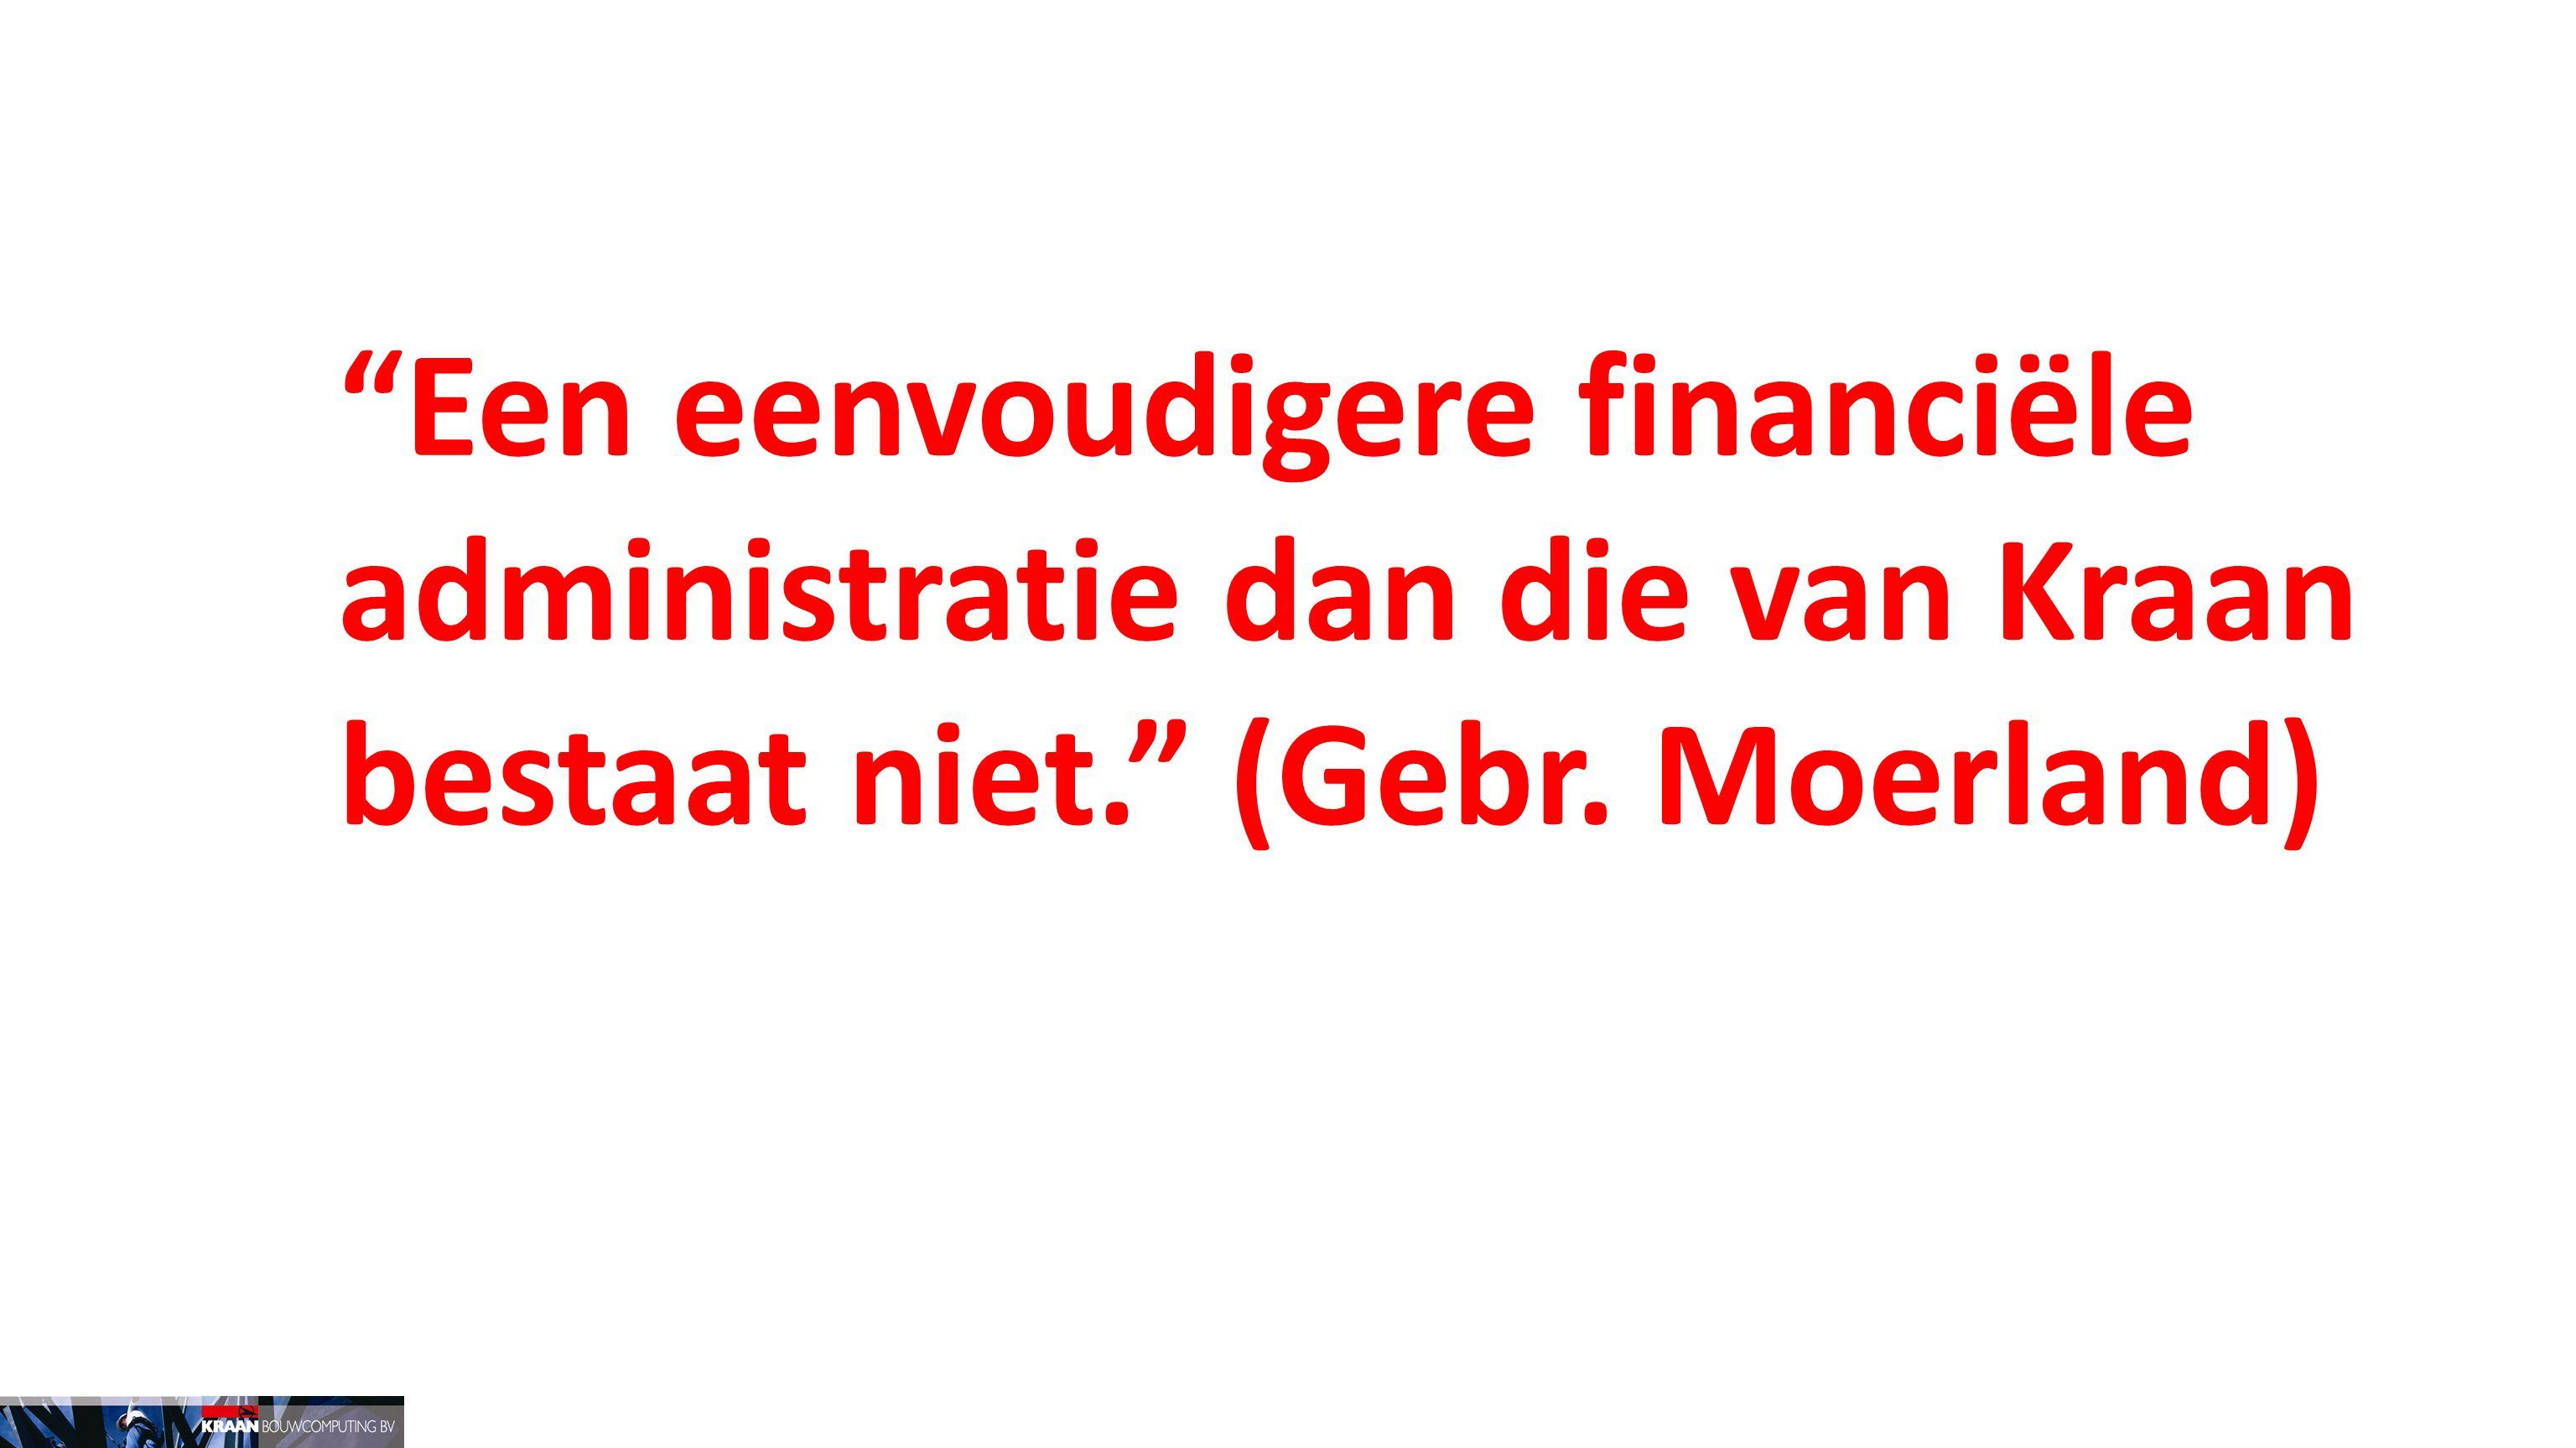 Een eenvoudigere financiële administratie dan die van Kraan bestaat niet. (Gebr. Moerland)